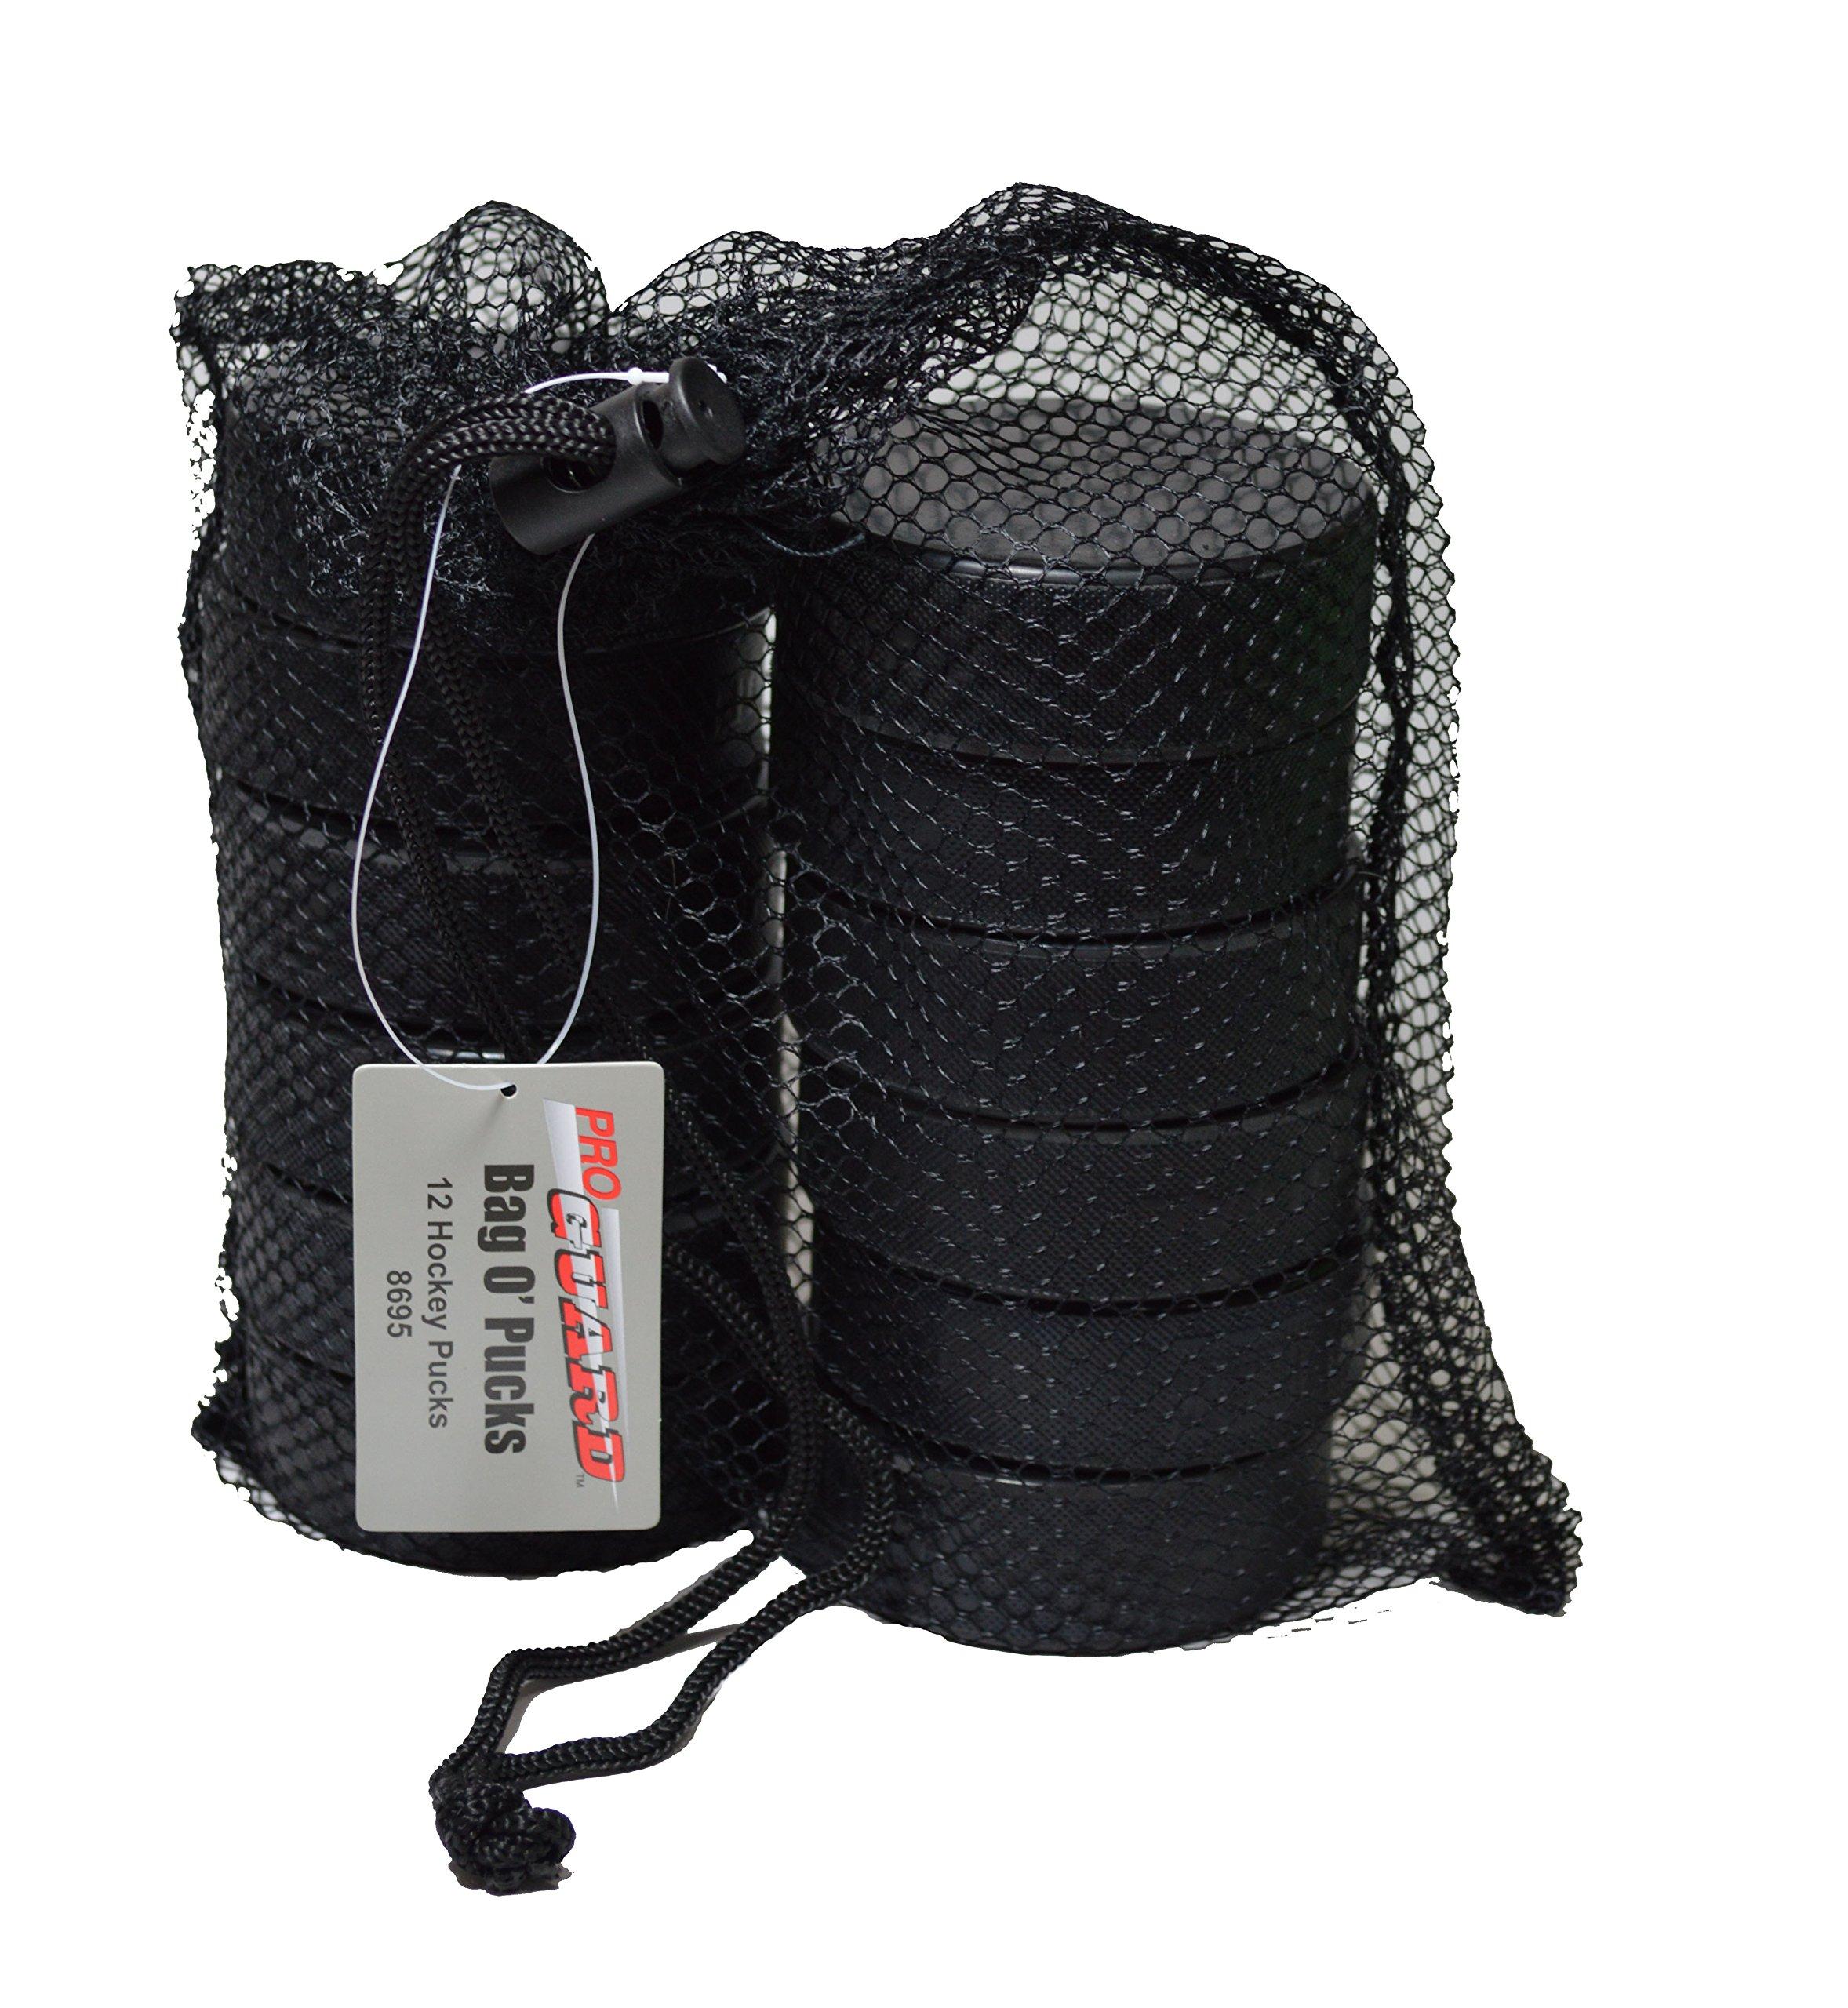 Proguard Bag O' Pucks, 12 Pucks in a Mesh Bag